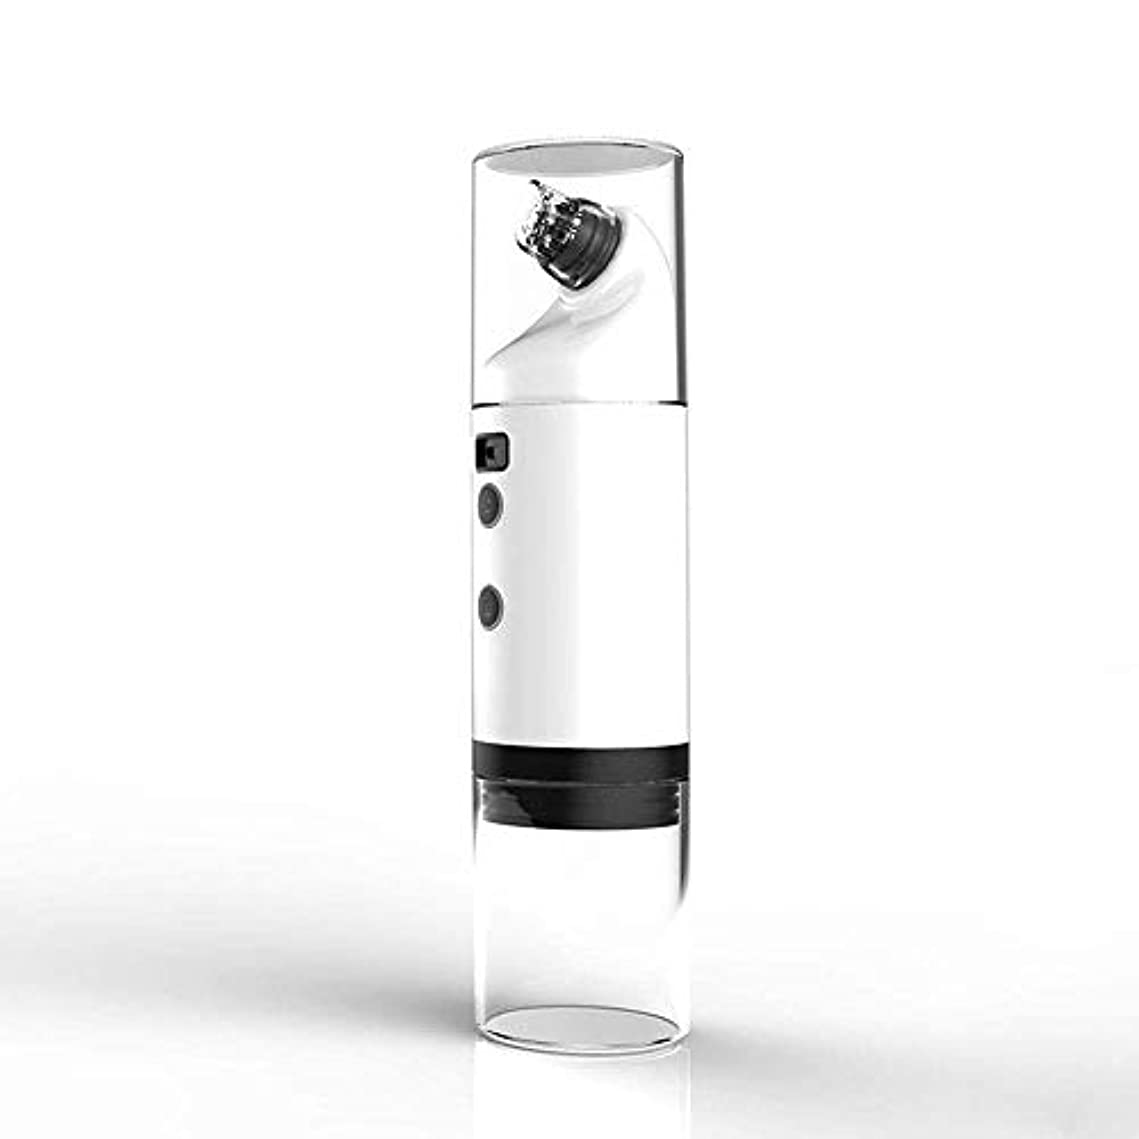 金貸しハンドブック黒板水サイクルにきびリムーバー多機能usb充電にきびコメドン掃除機電気顔毛穴クリーニング美容器具